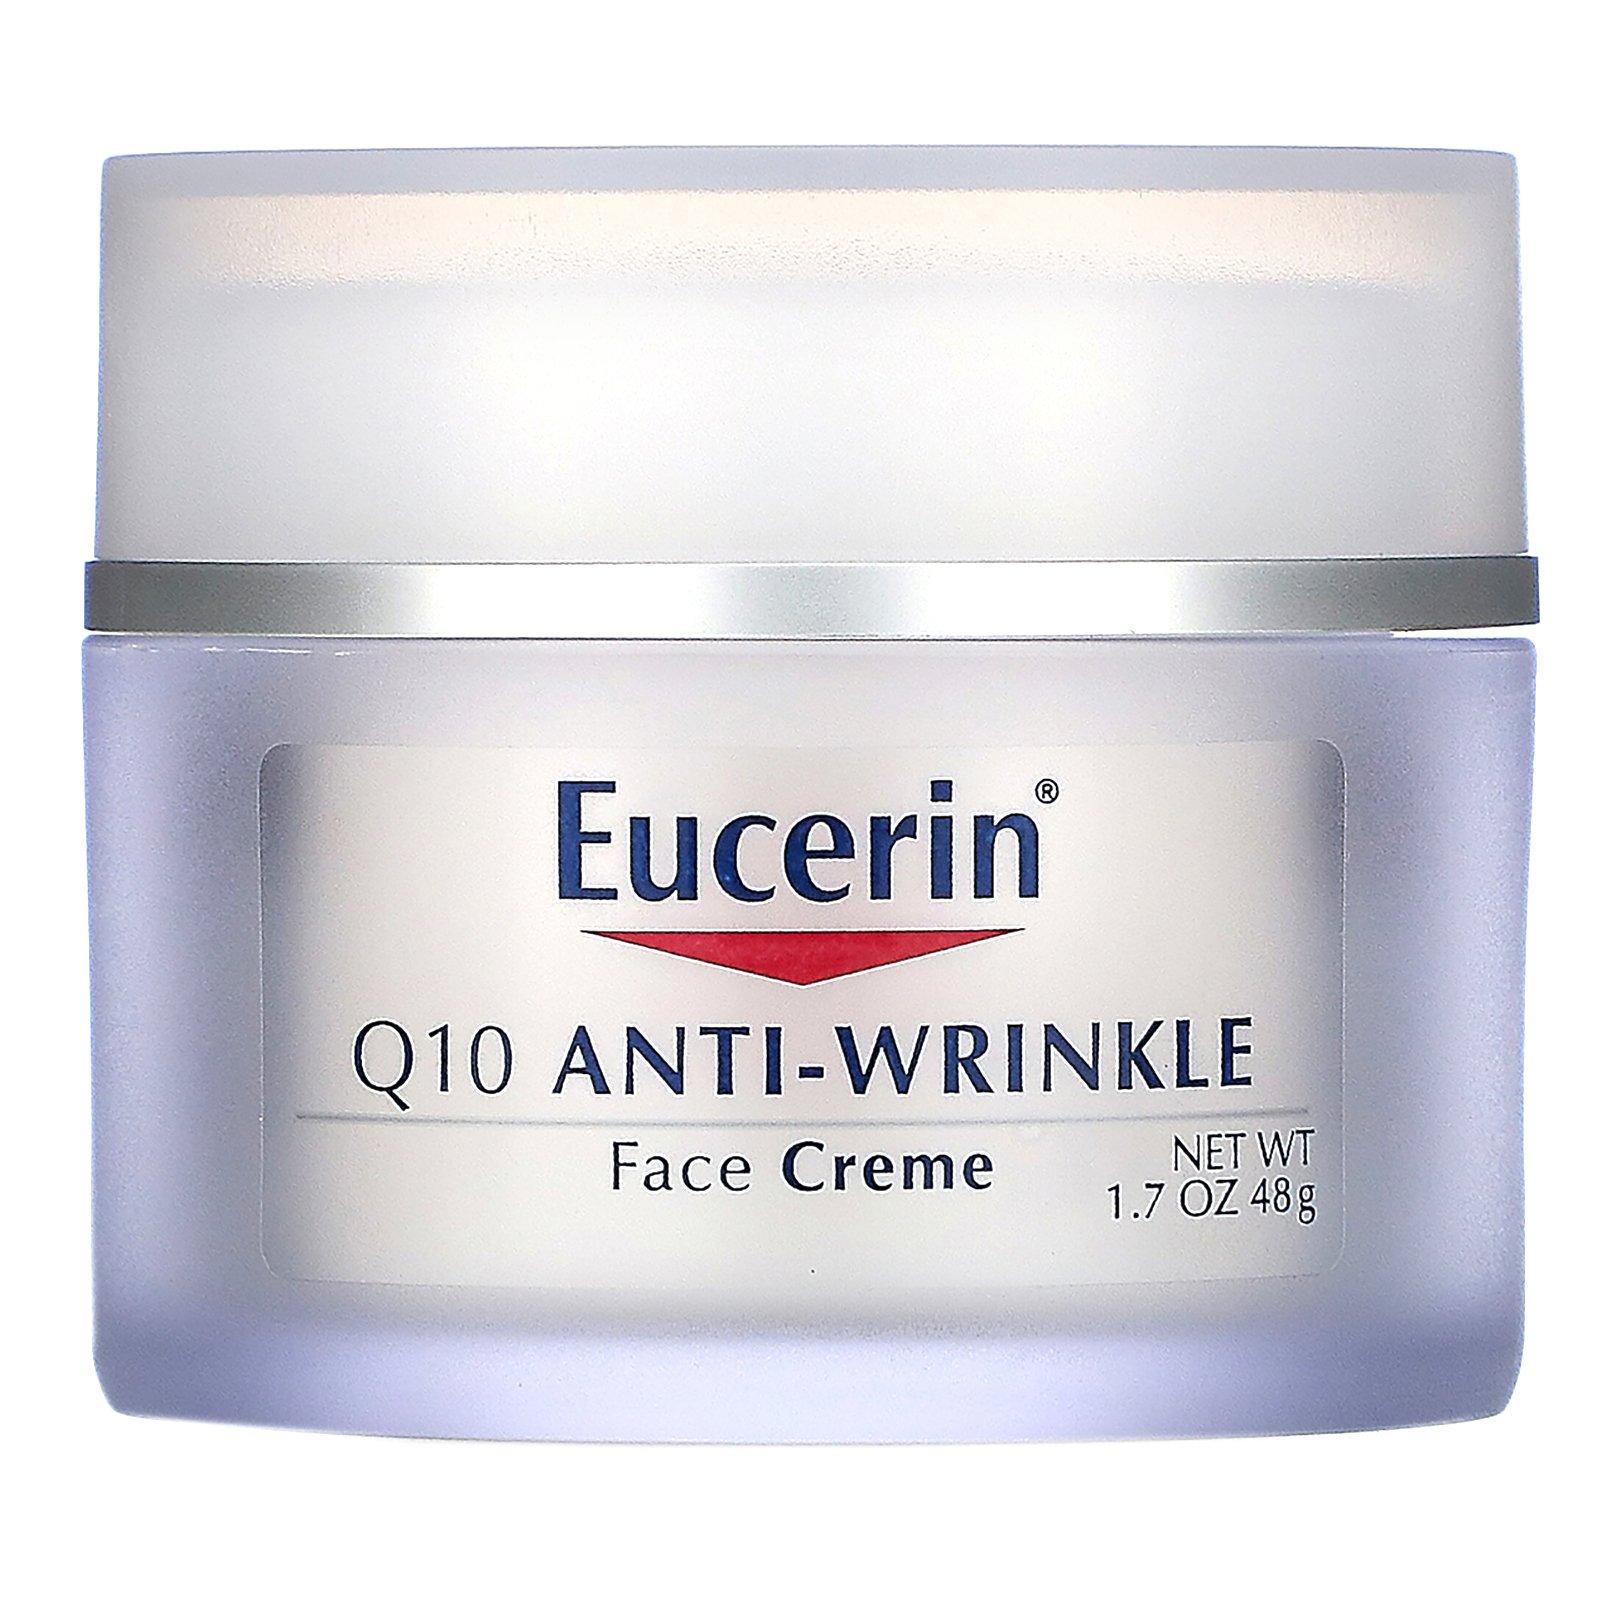 eucerin كريم